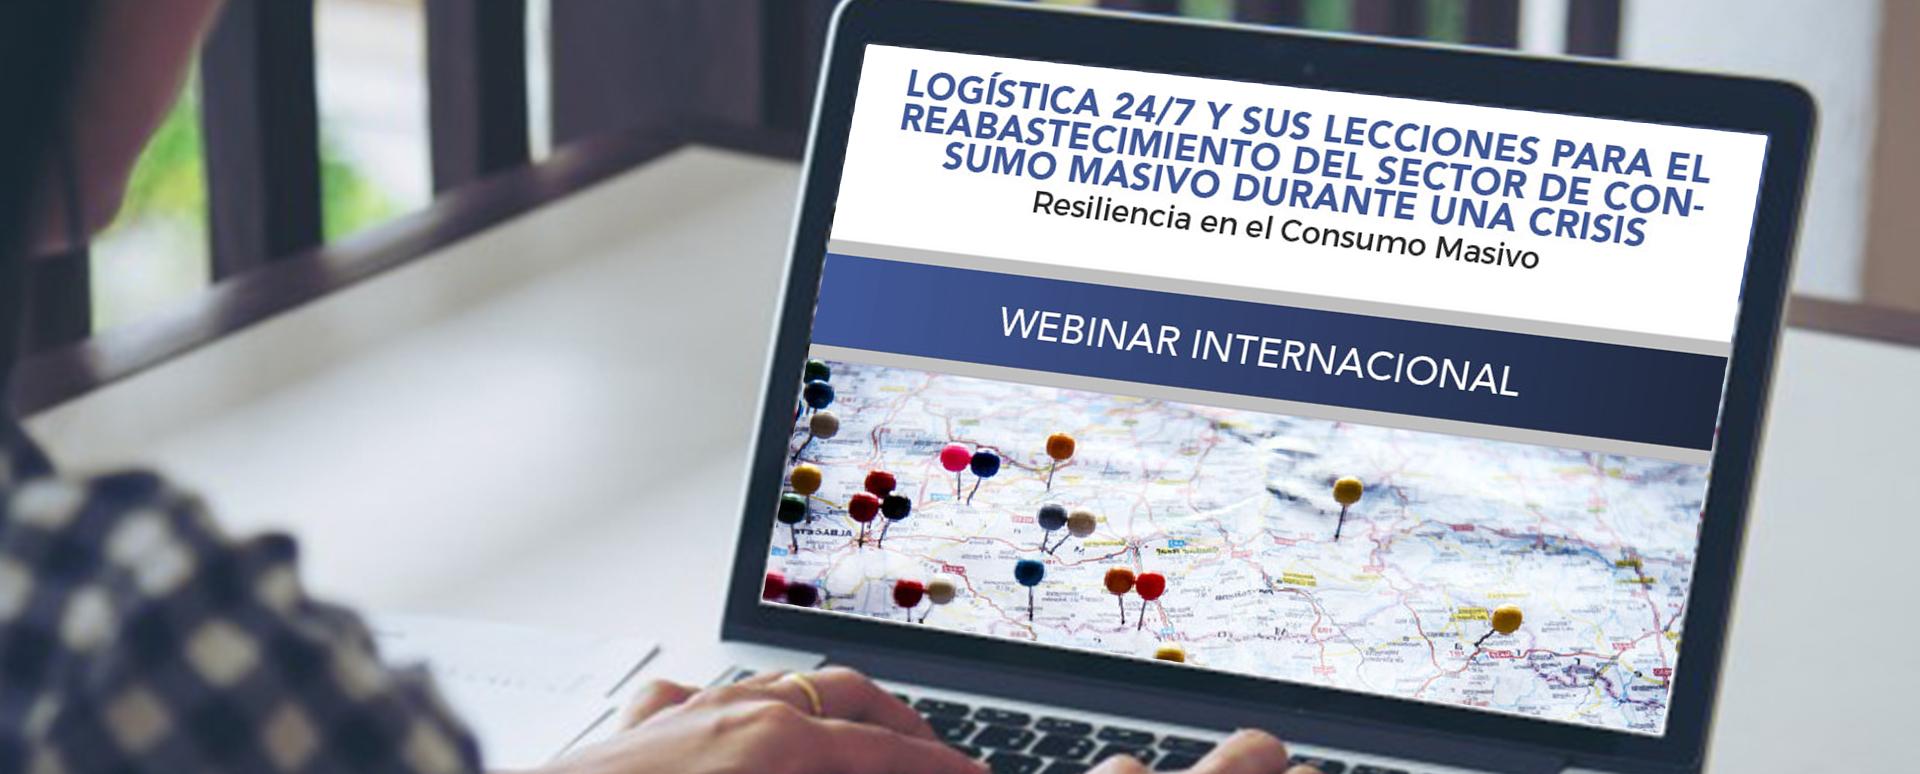 webinar logística para Industrias del Consumo Masivo